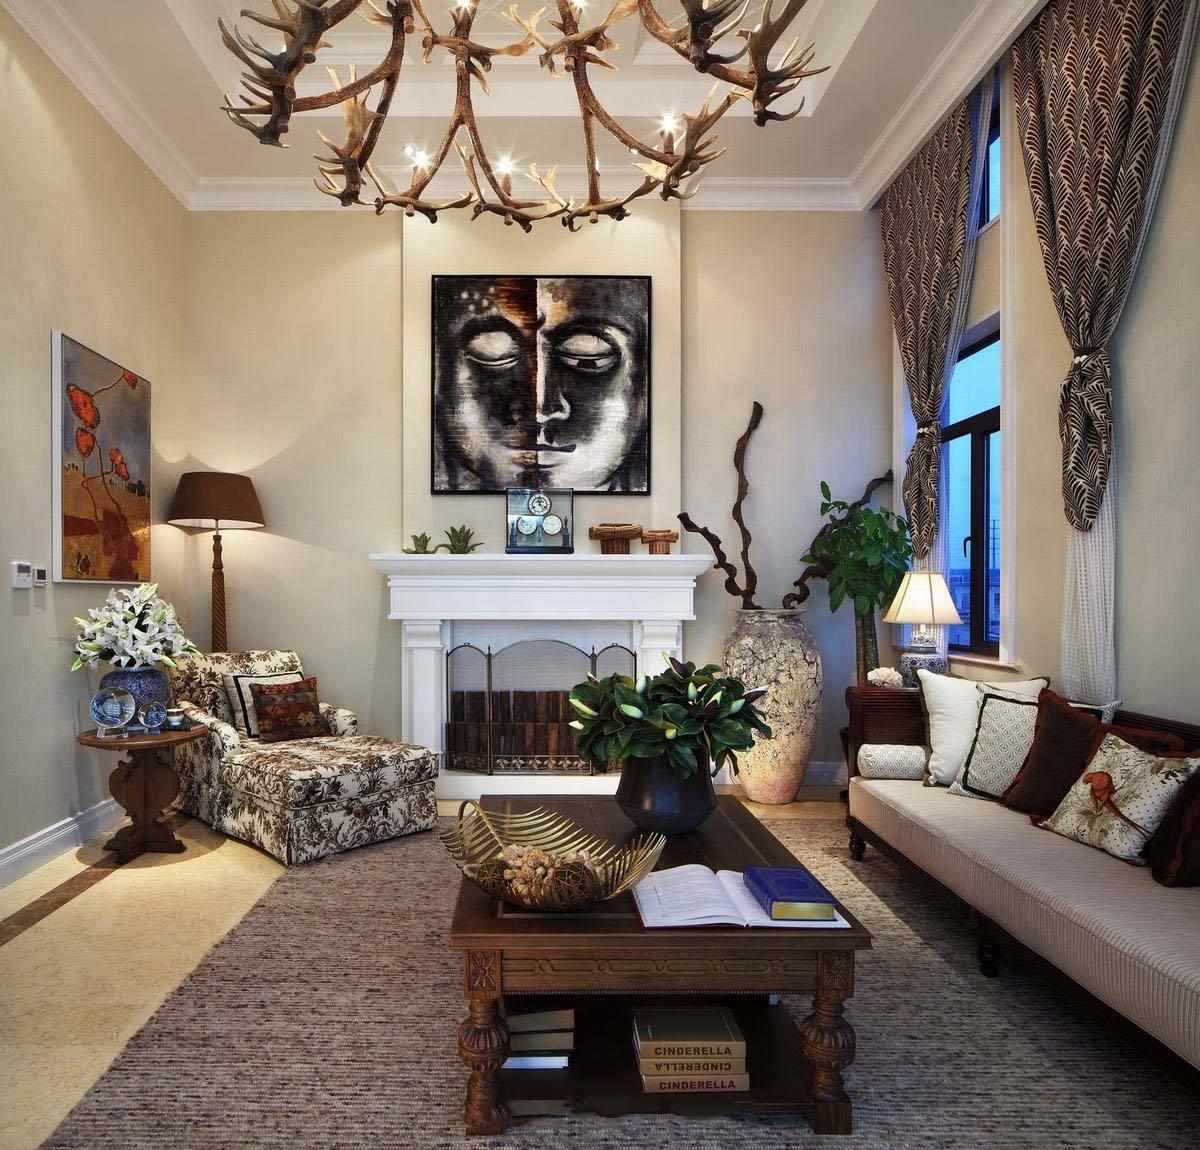 摩登东南亚客厅背景墙装饰画效果图